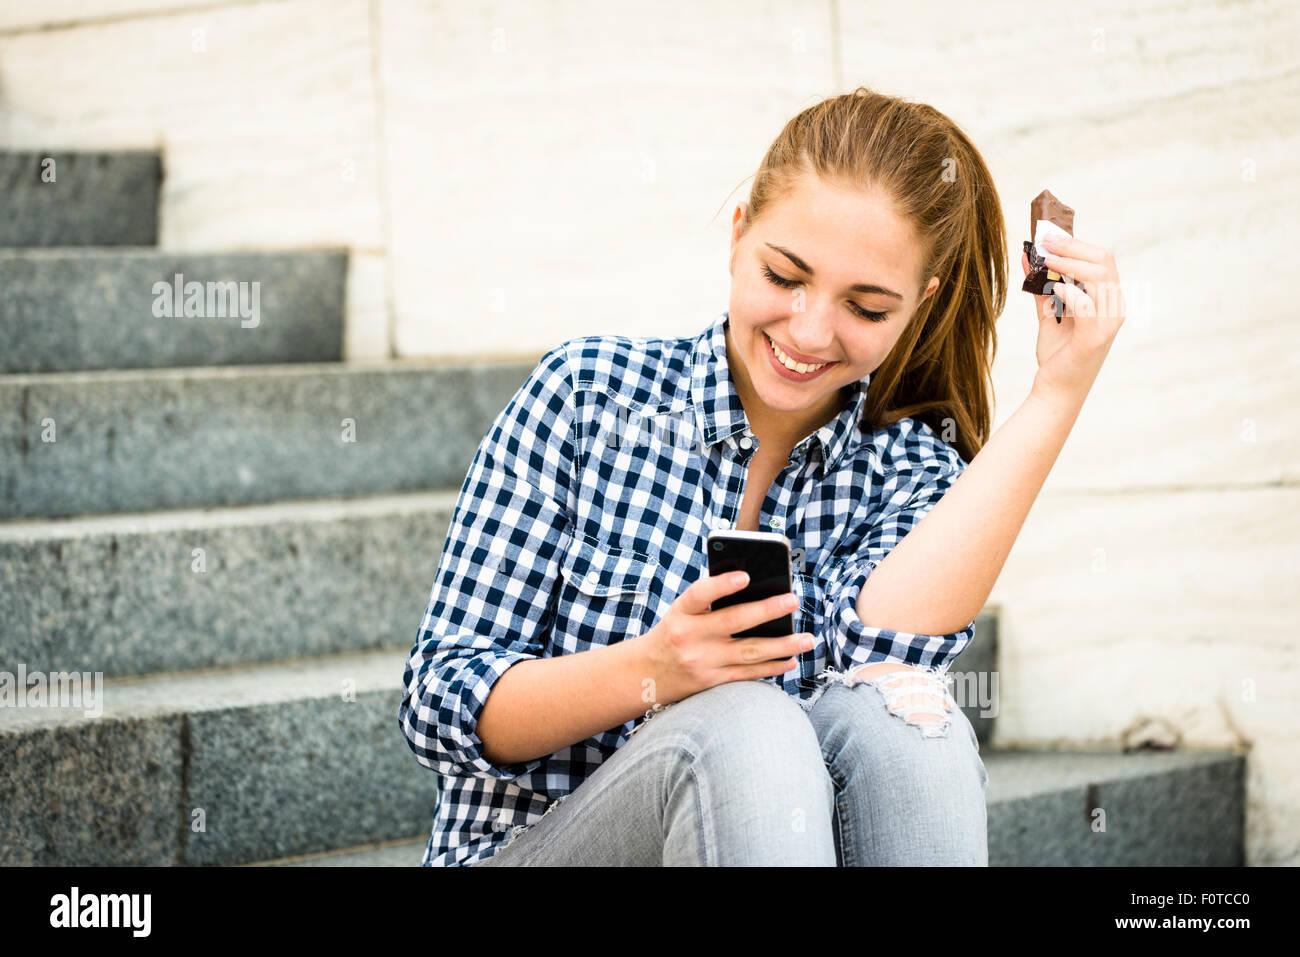 Teenager - Mädchen Schokolade zu essen, in der Straße und auf der Suche im Telefon Stockbild